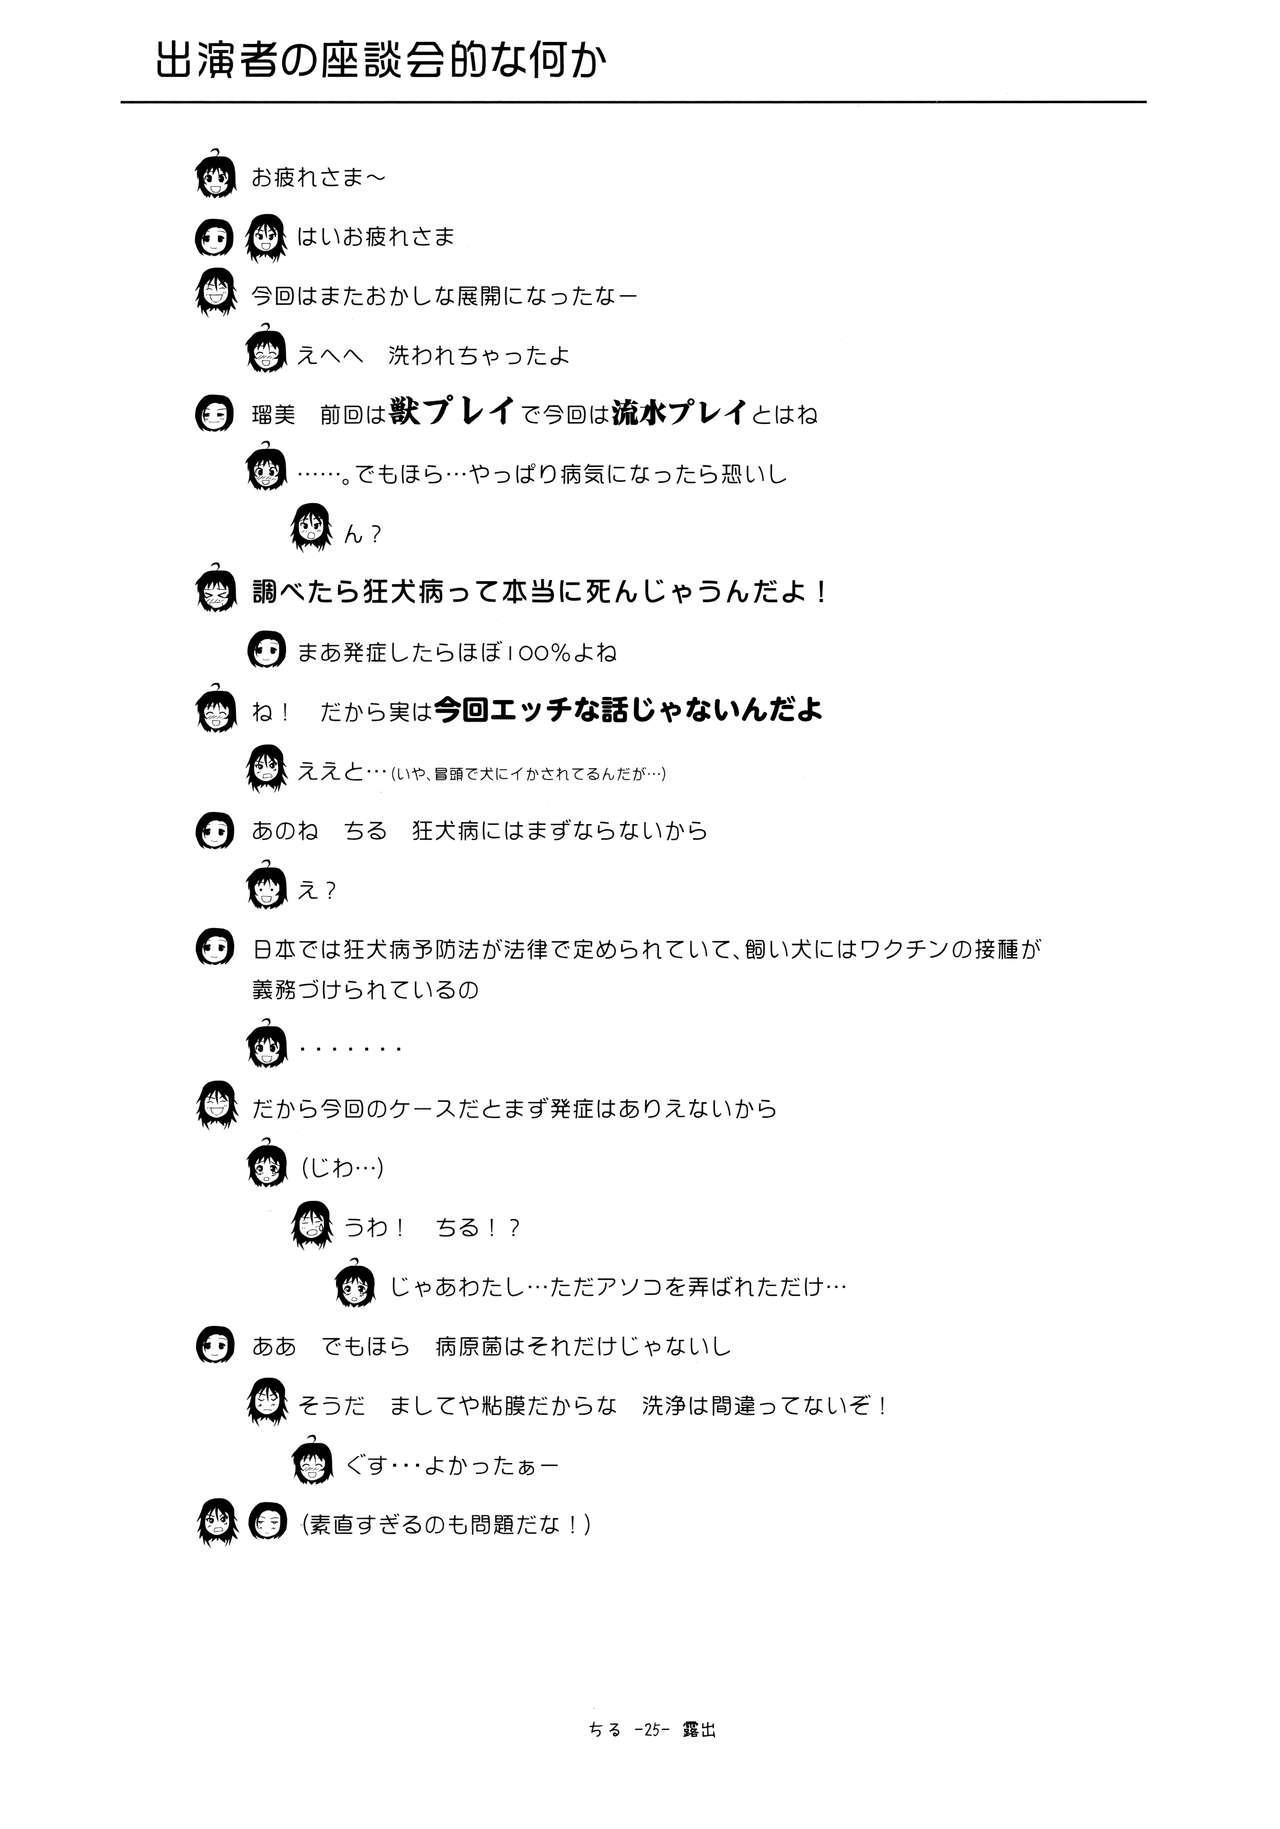 Chiru Roshutsu 13 23